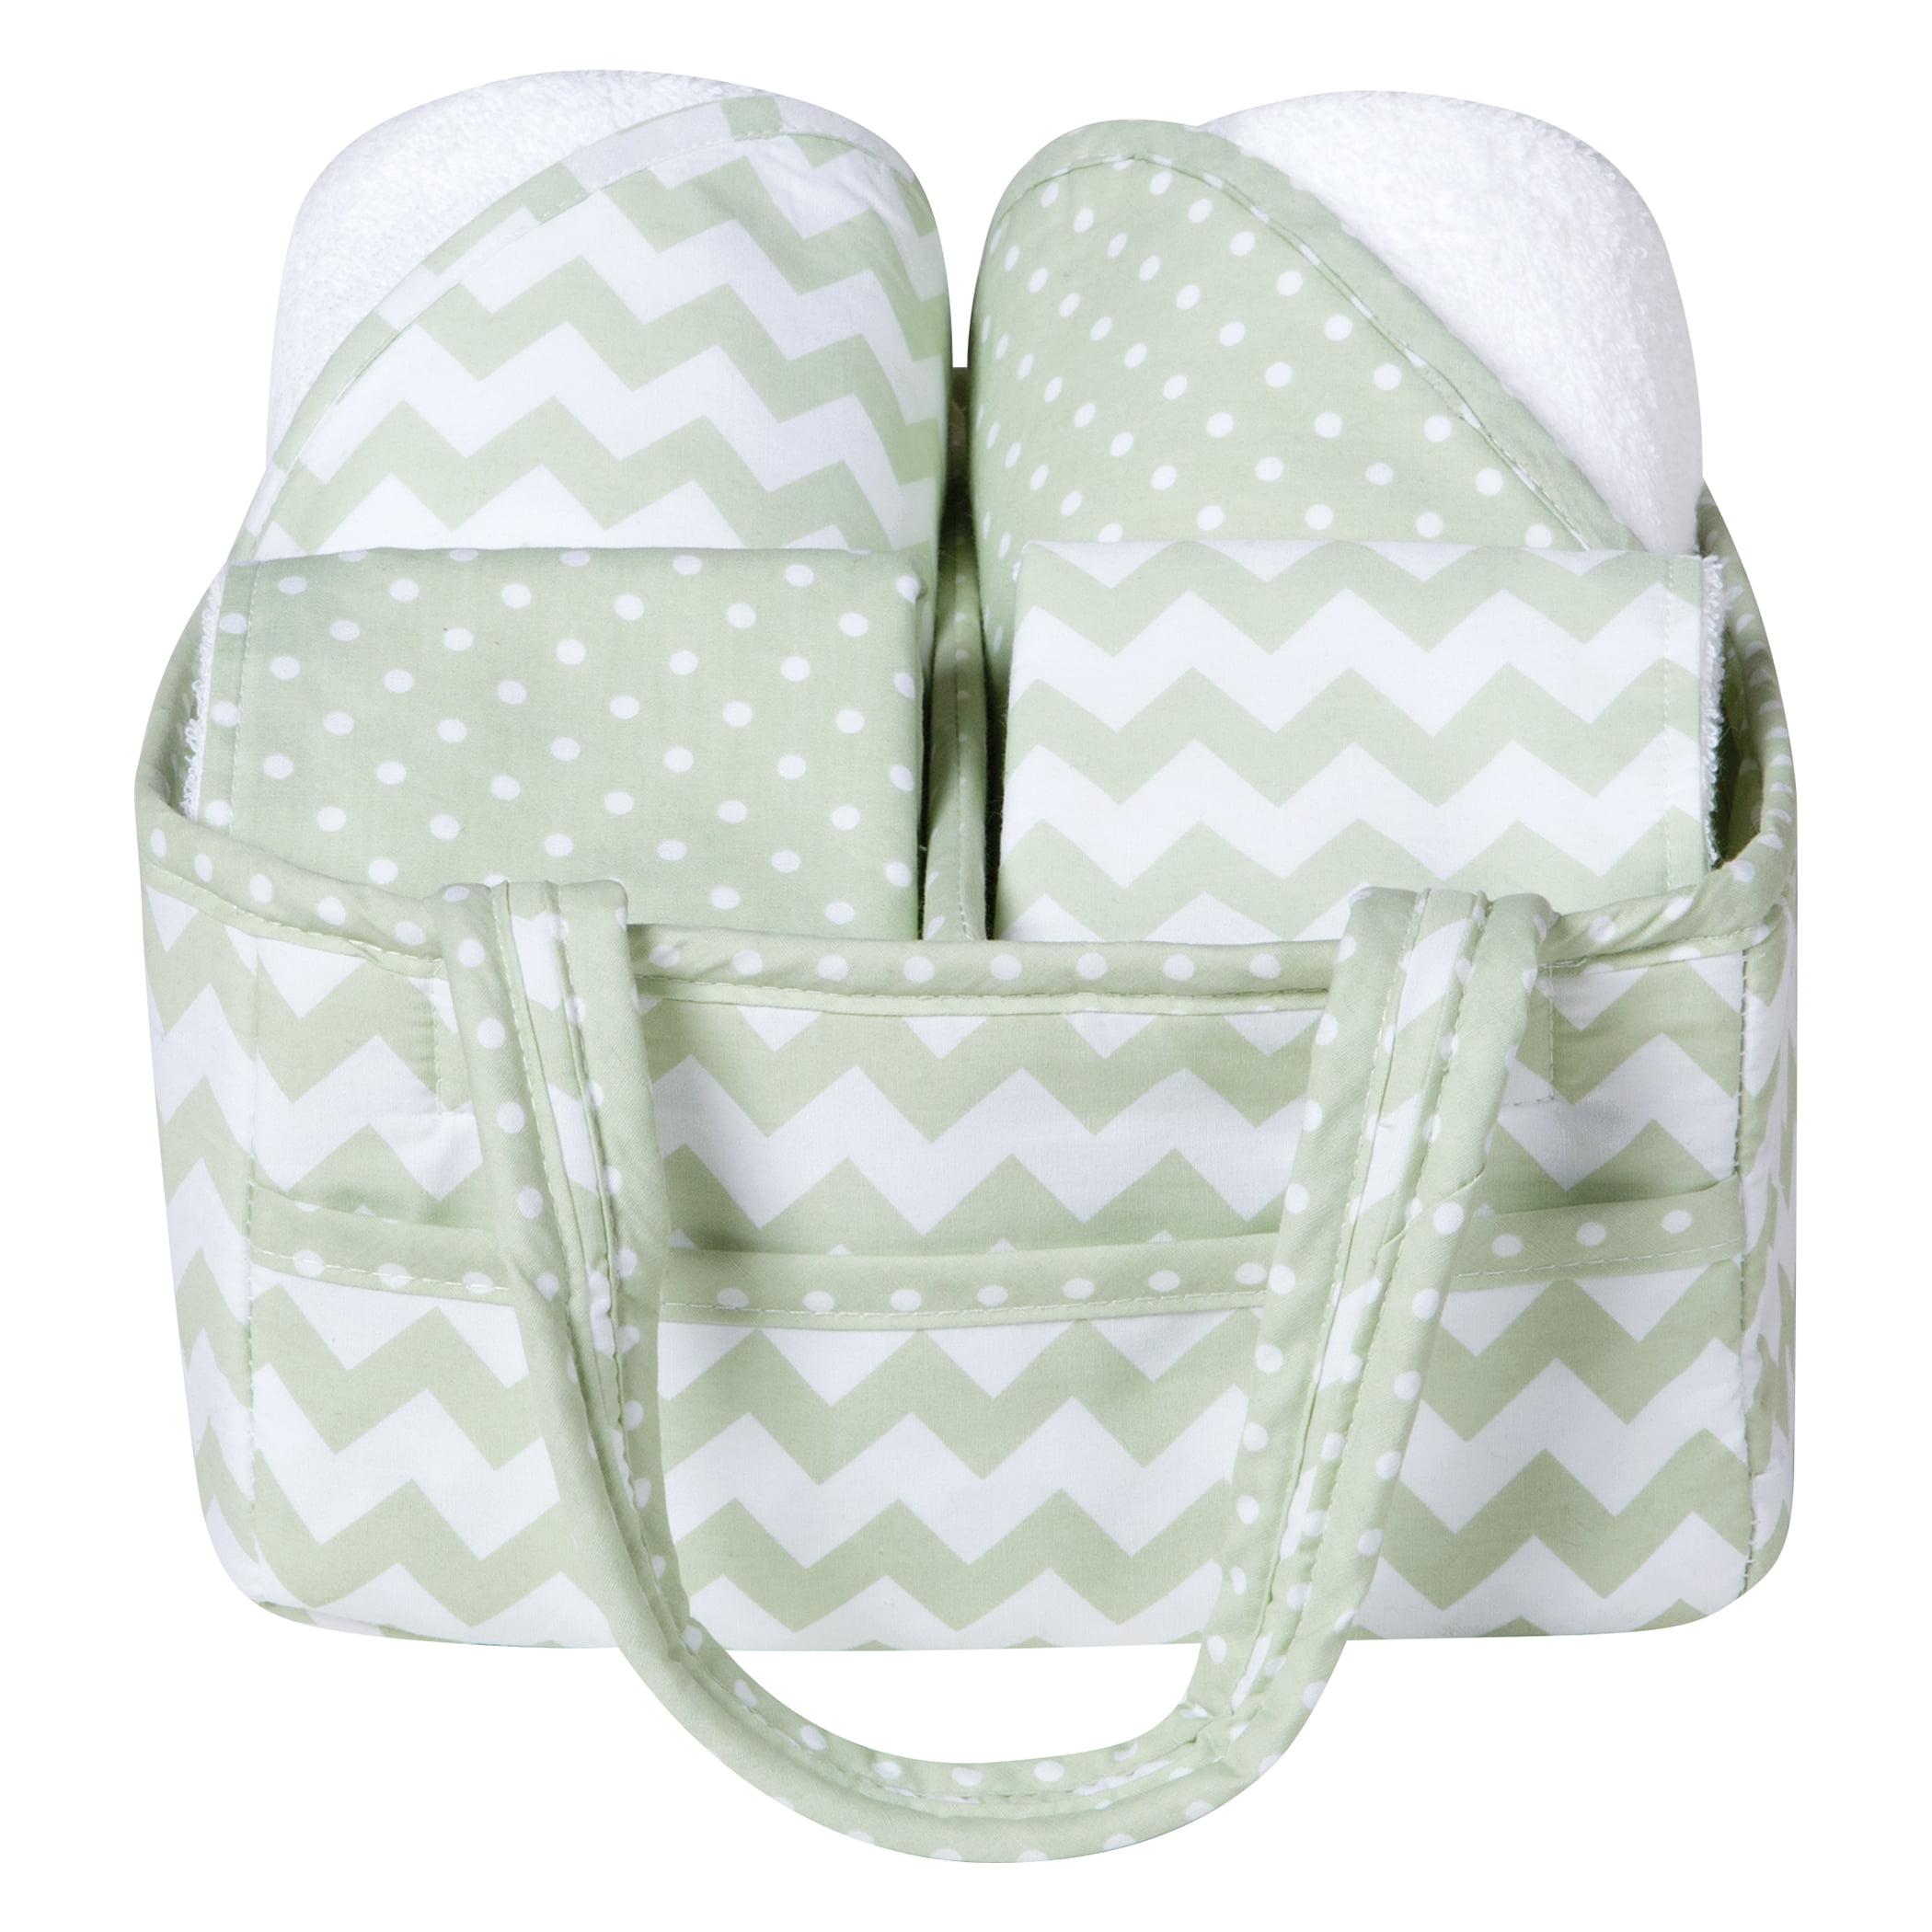 Sea Foam 5 Piece Baby Bath Gift Set by Trend Lab